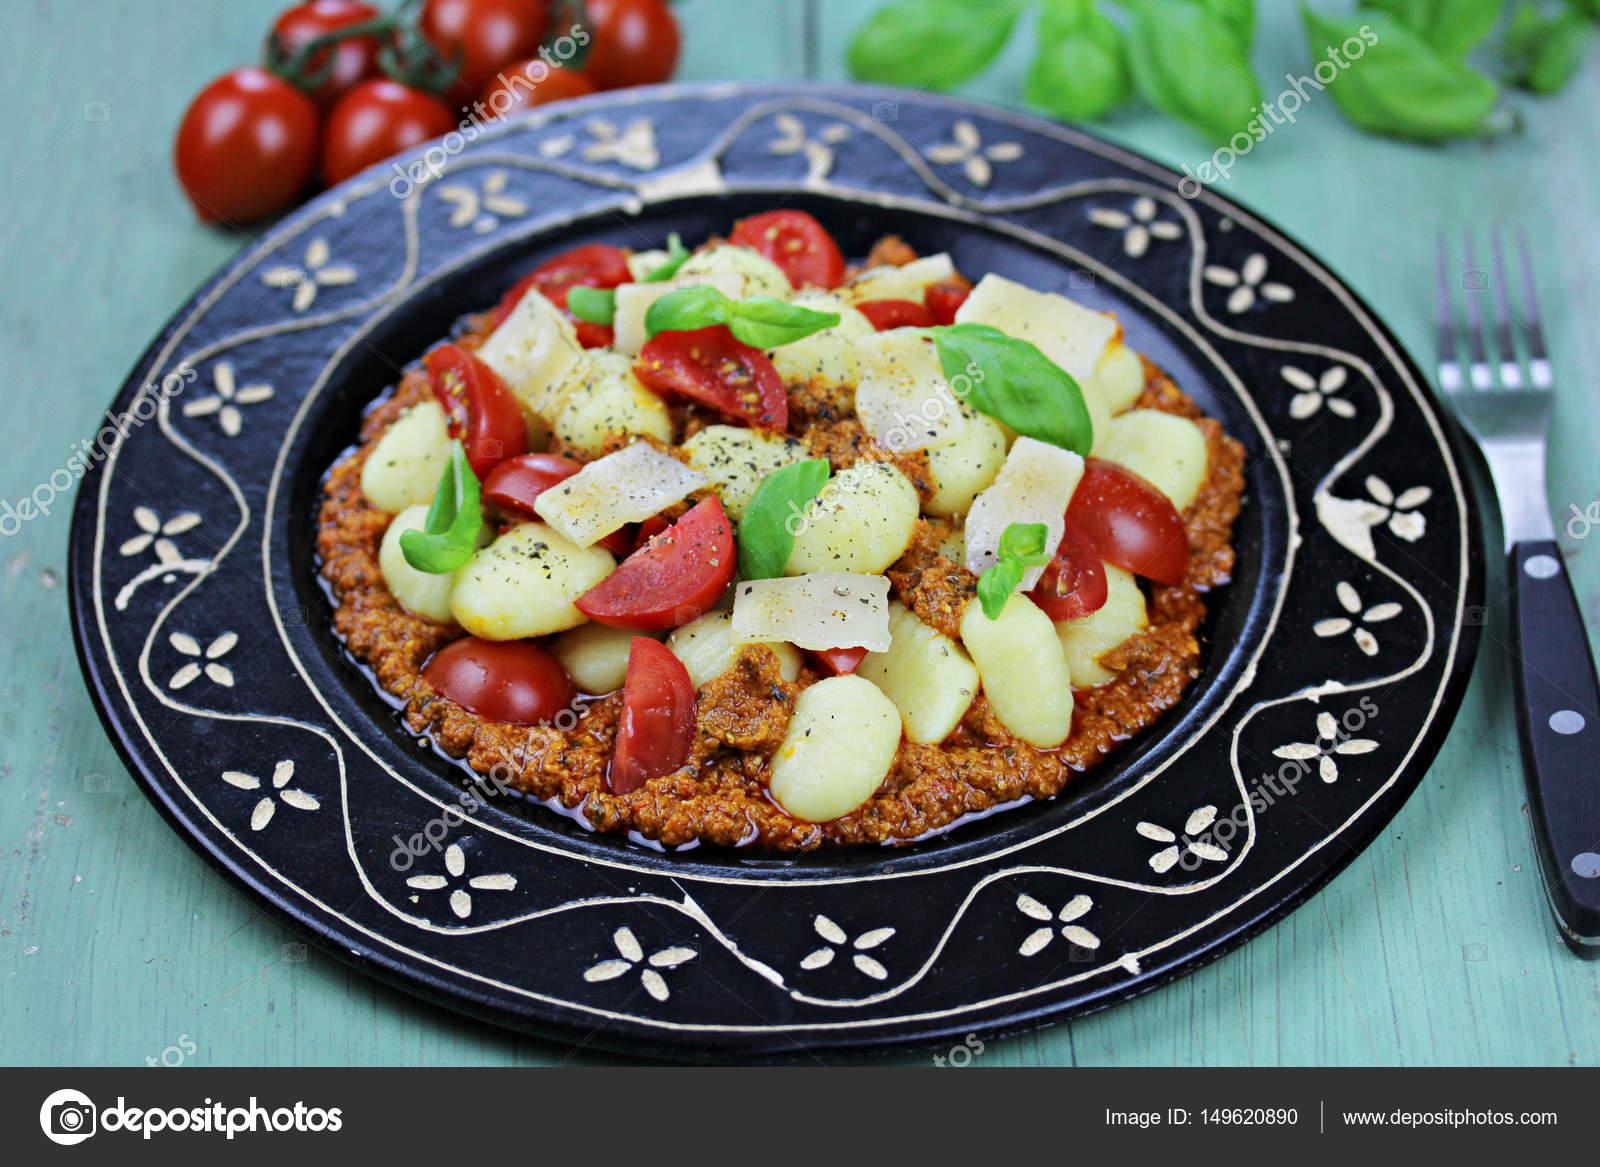 en que consiste la dieta mediterranea yahoo